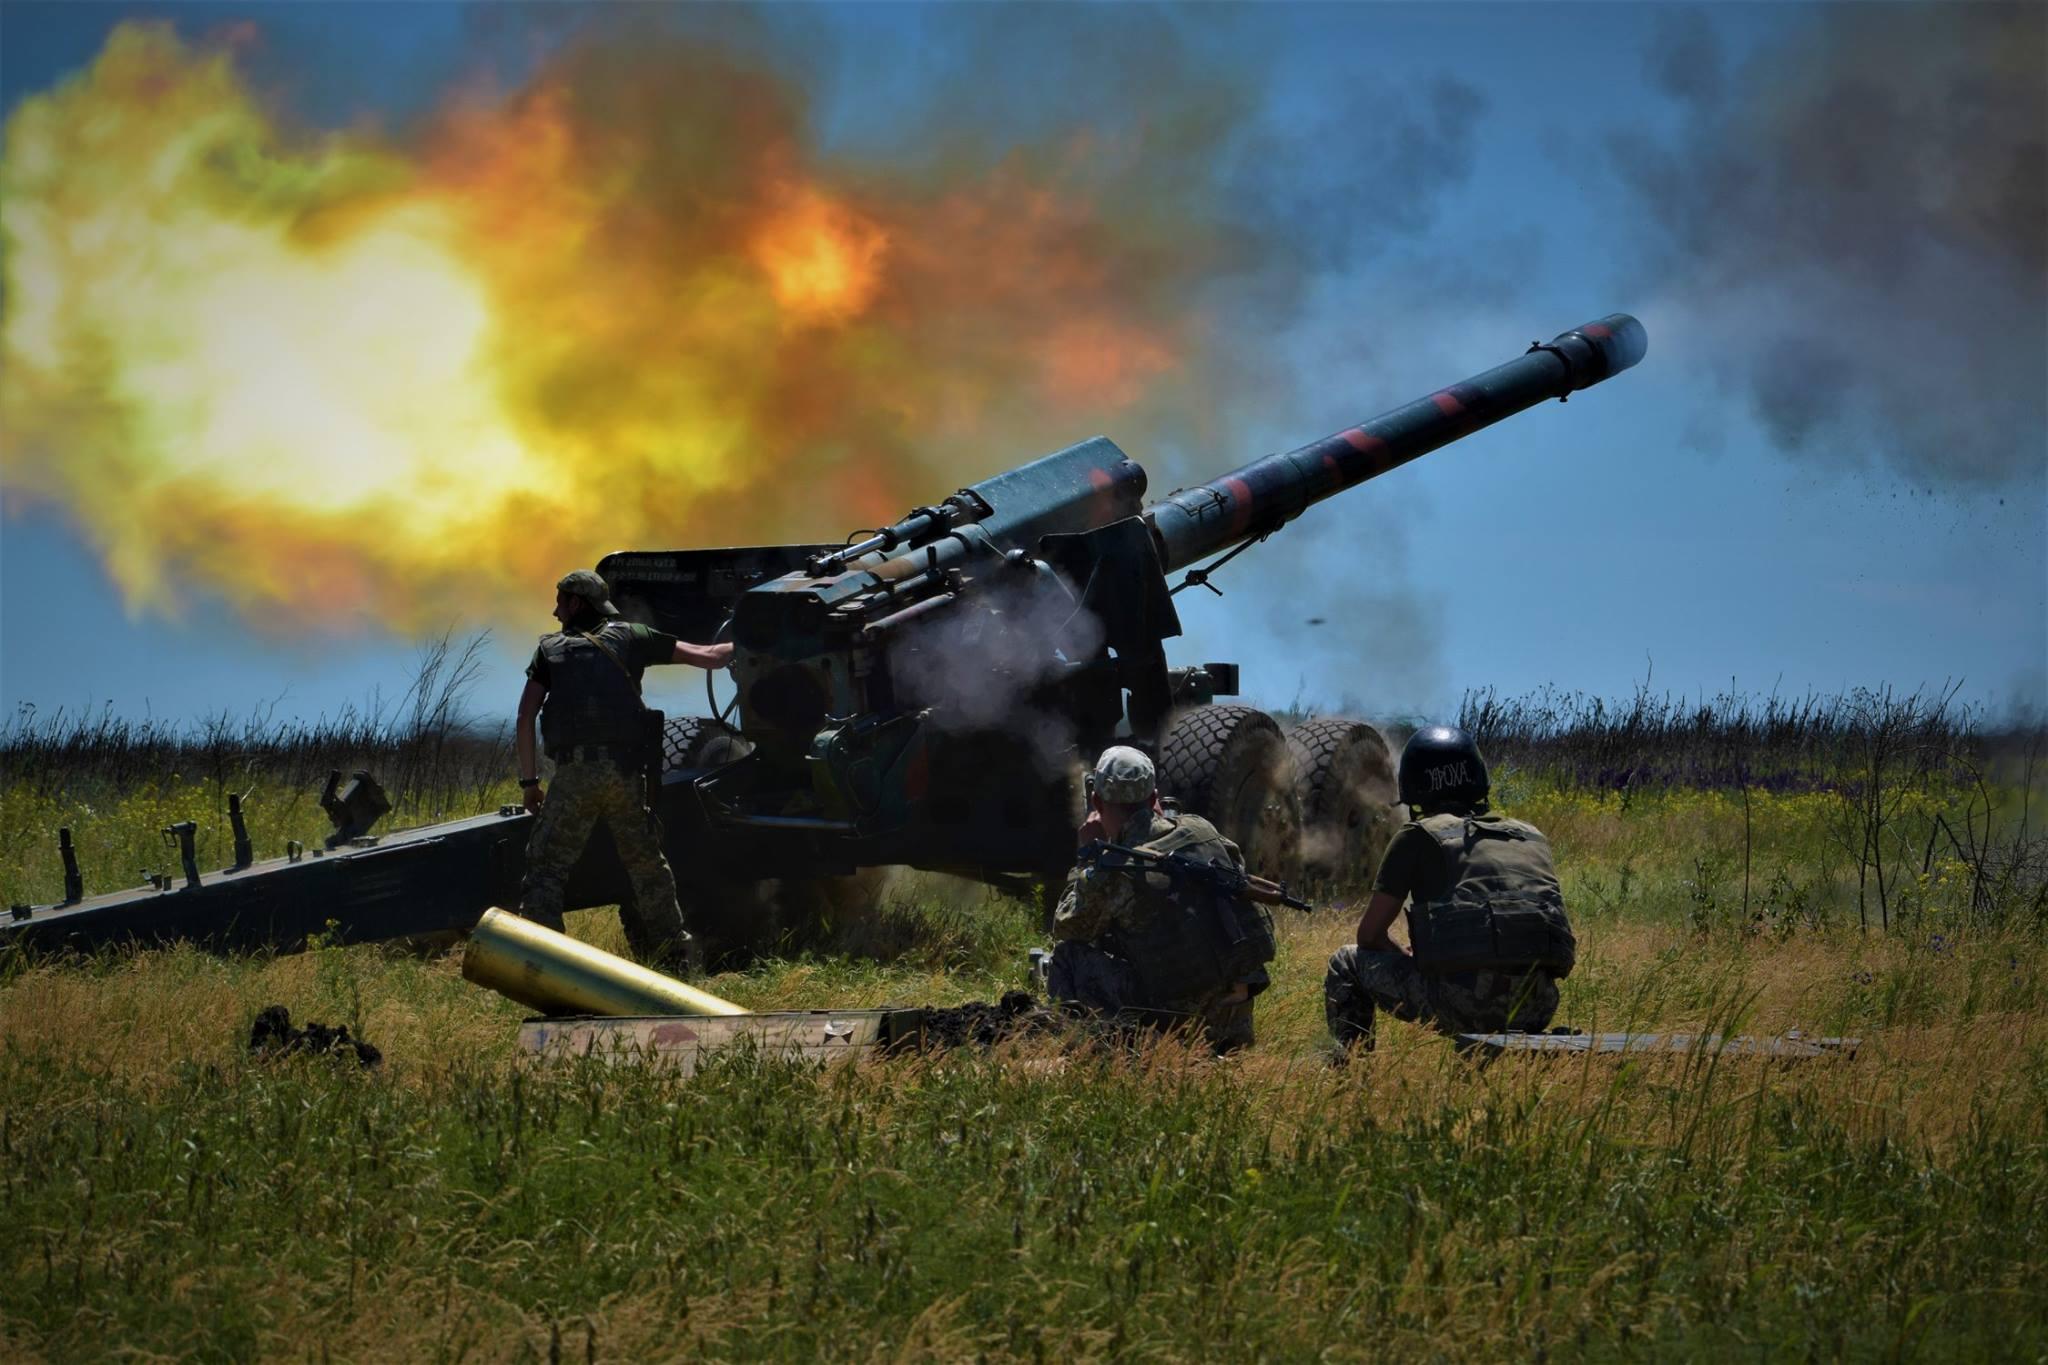 Картинка ракетные войска и артиллерия